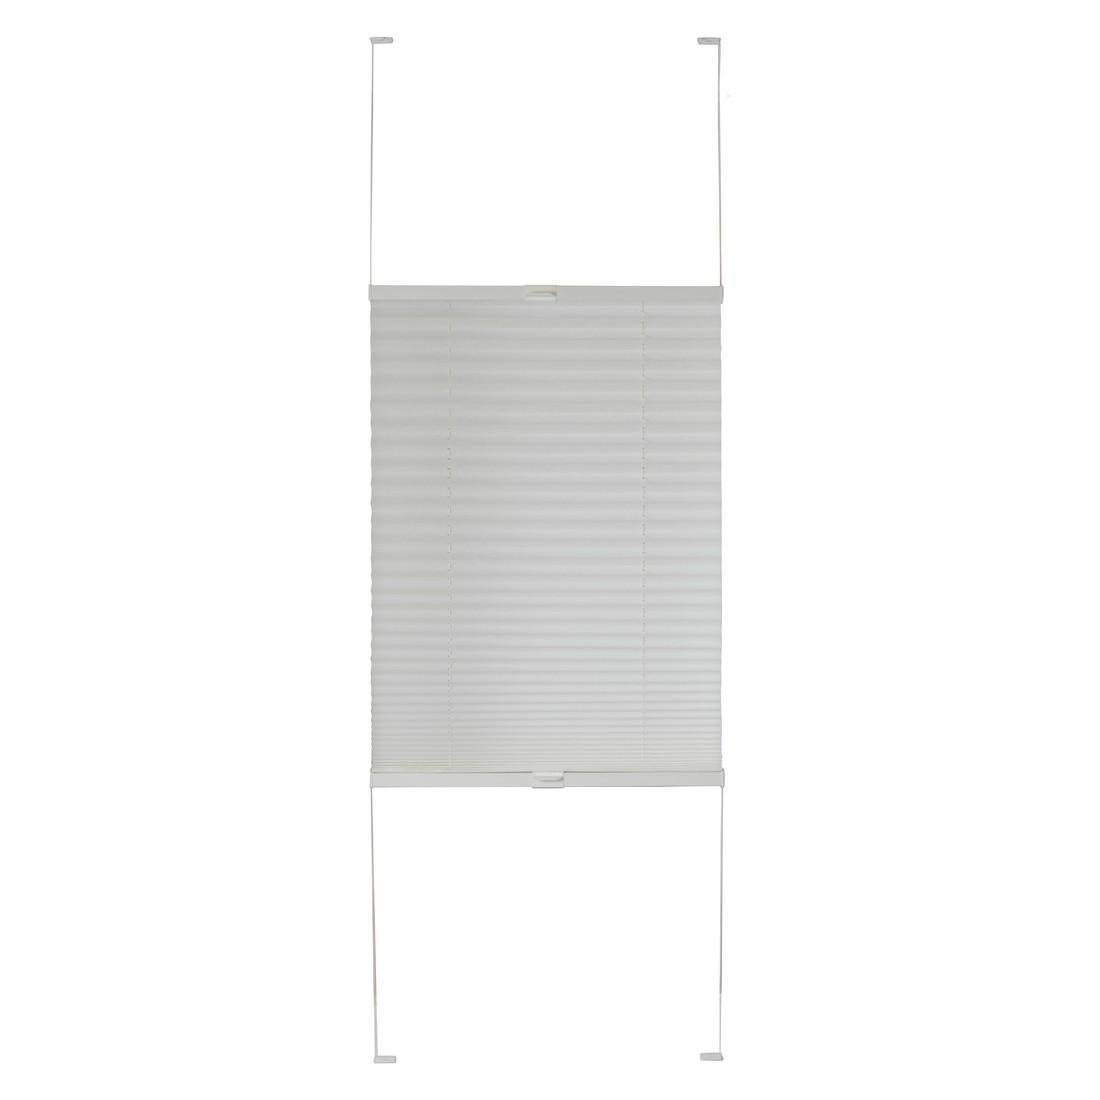 Plissee Tokio (Breite bis 100 cm) – verpannt – Weiß – Breite: 70 cm Höhe: 130 cm, Sandega günstig online kaufen